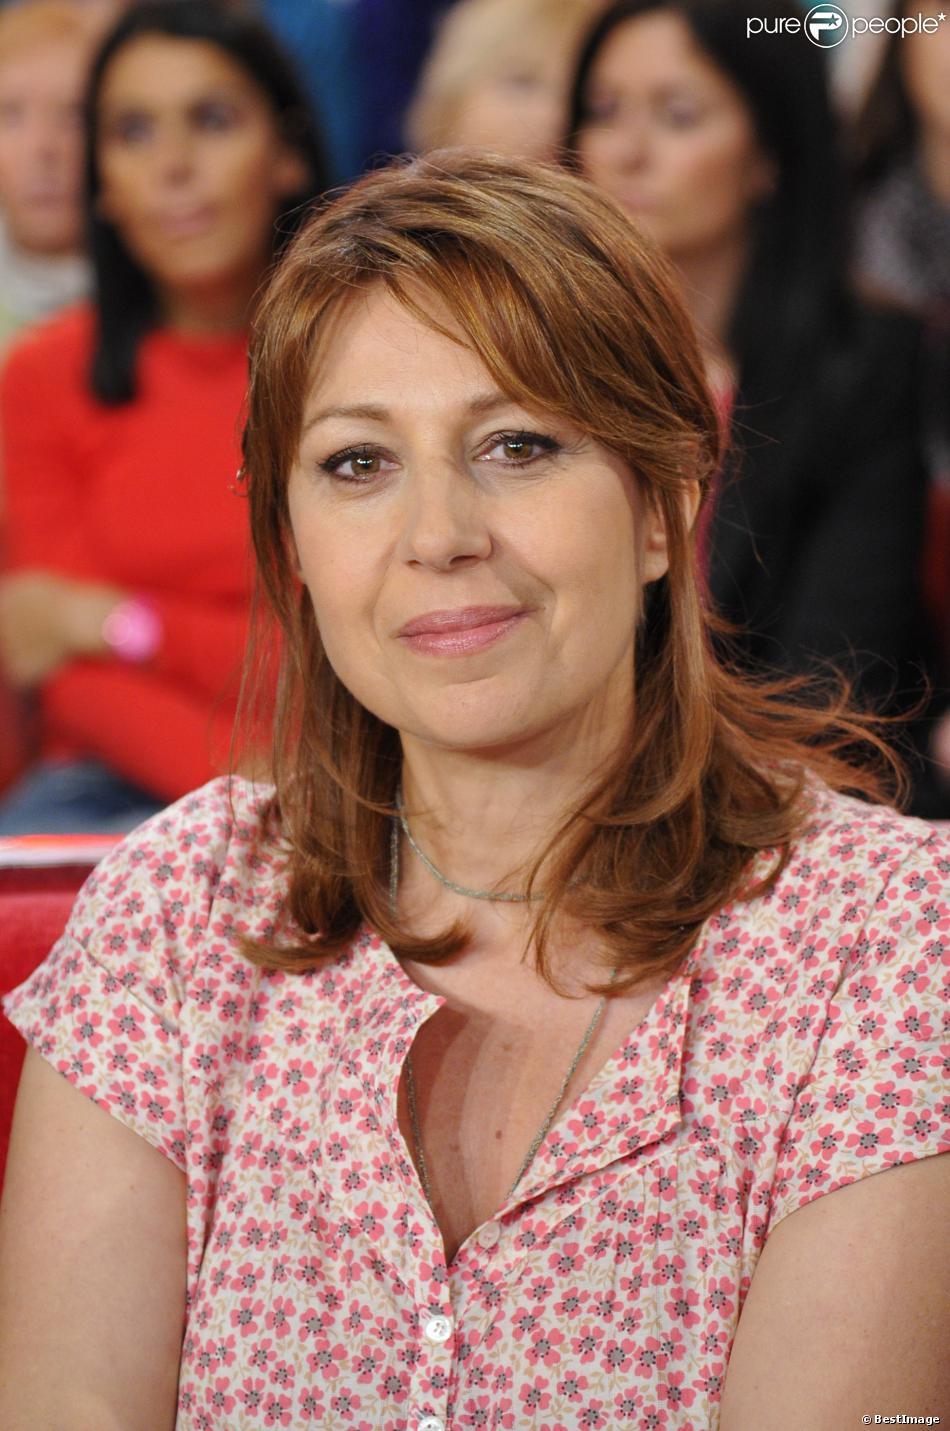 """Valérie Benguigui lors de l'enregistrement de l'émission """"Vivement Dimanche"""" à Paris le 20 mars 2013 diffusée le 24 mars"""